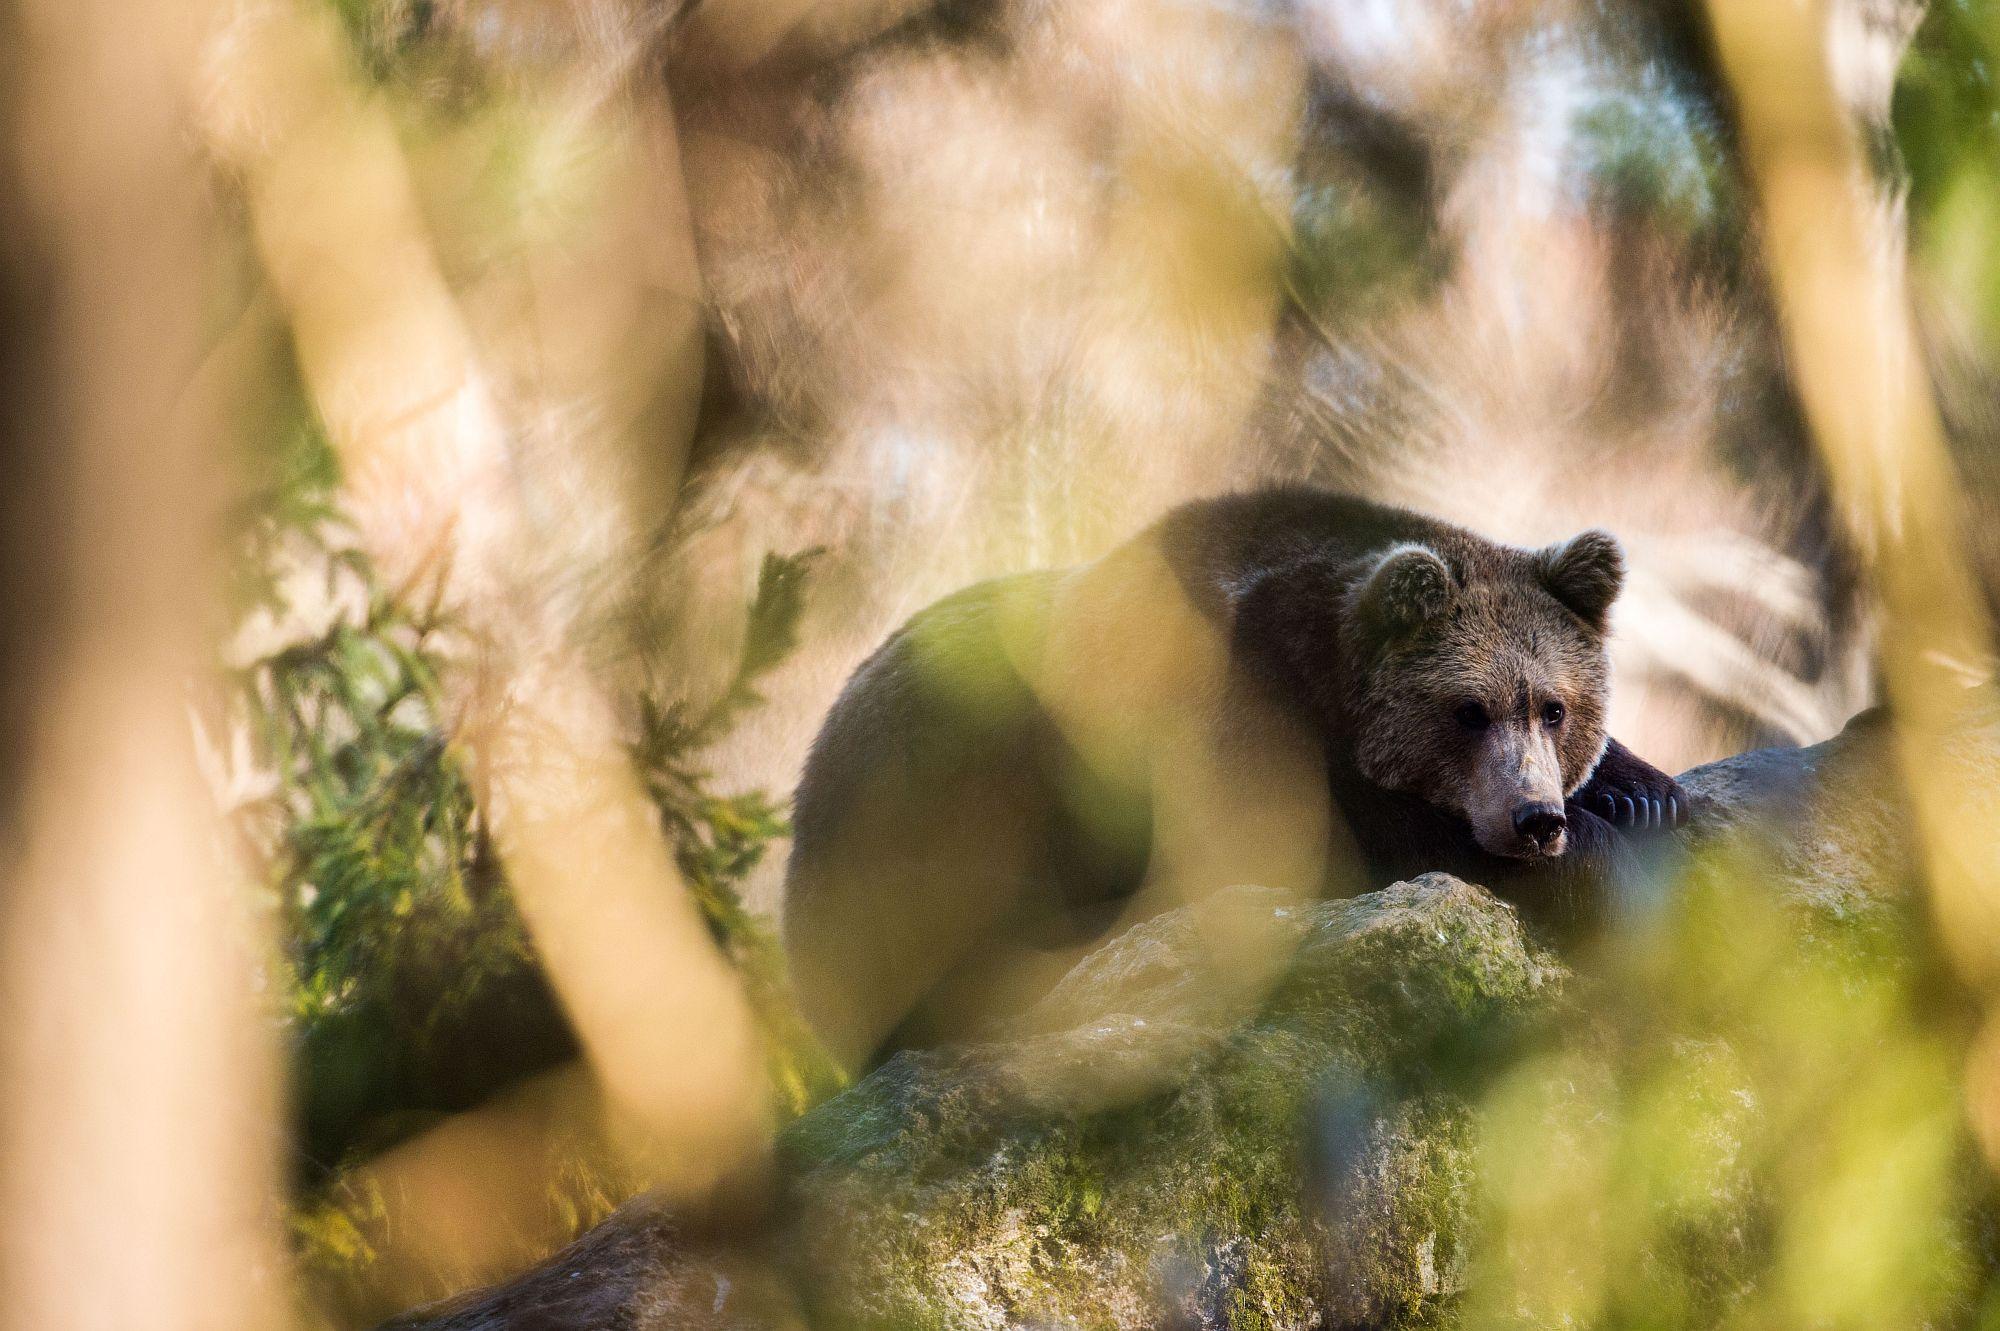 Tíz jótanács arra az esetre, ha szembejön egy medve